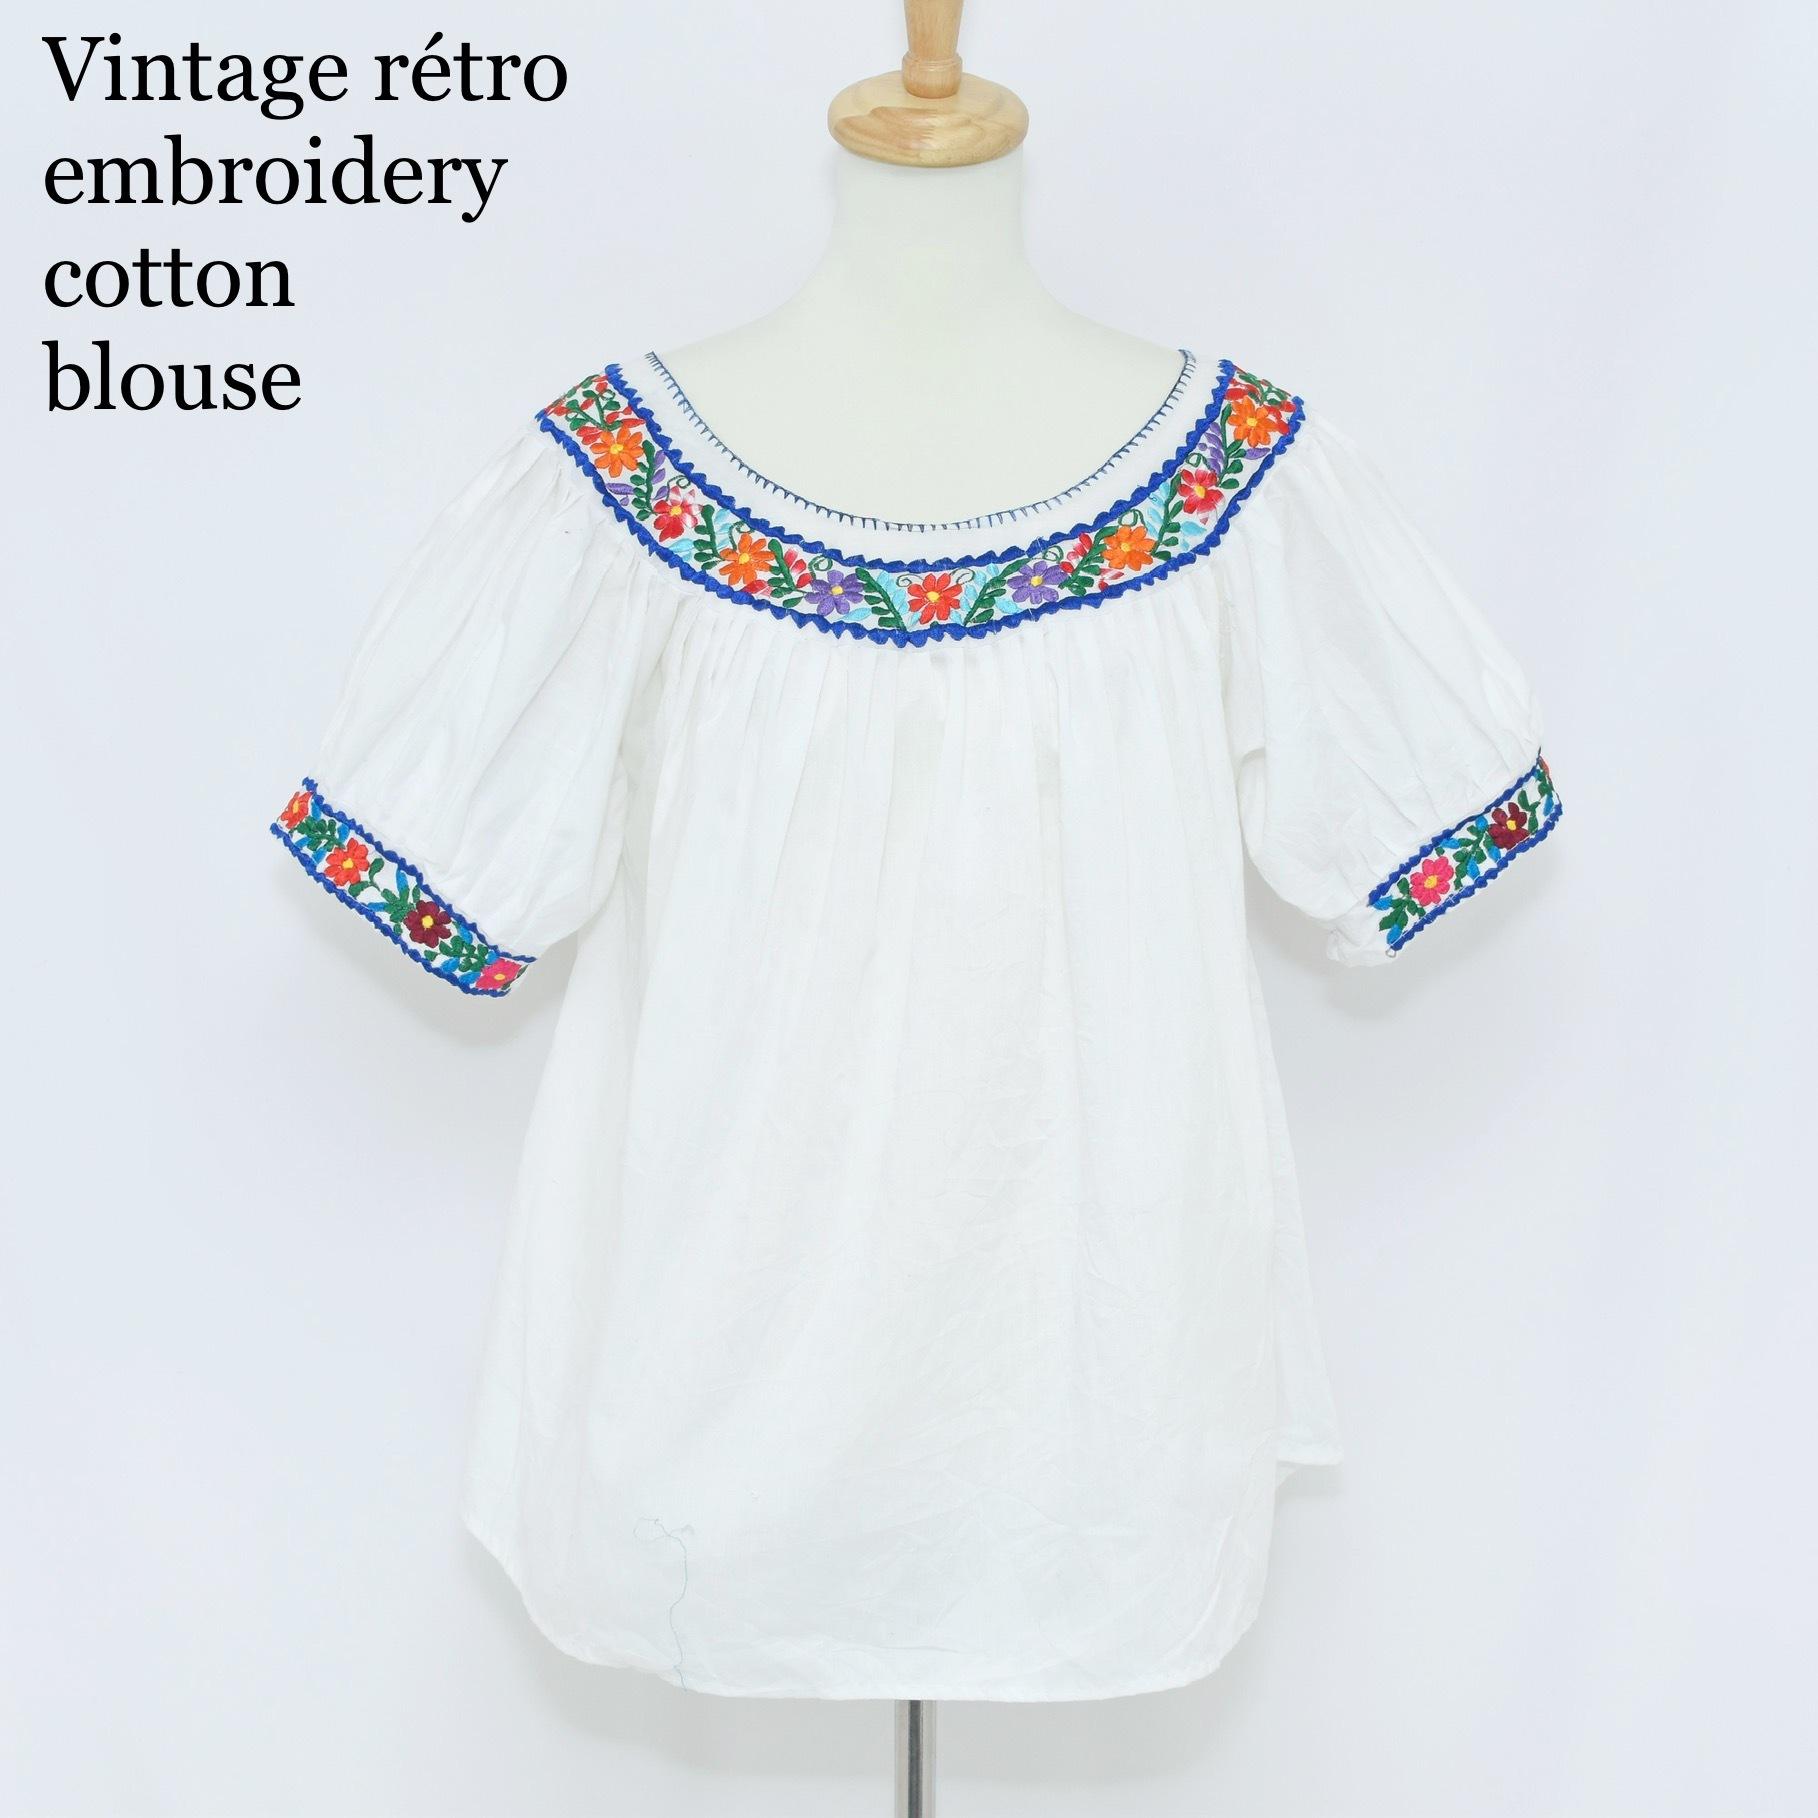 Vintage rétro embroidery cotton blouse